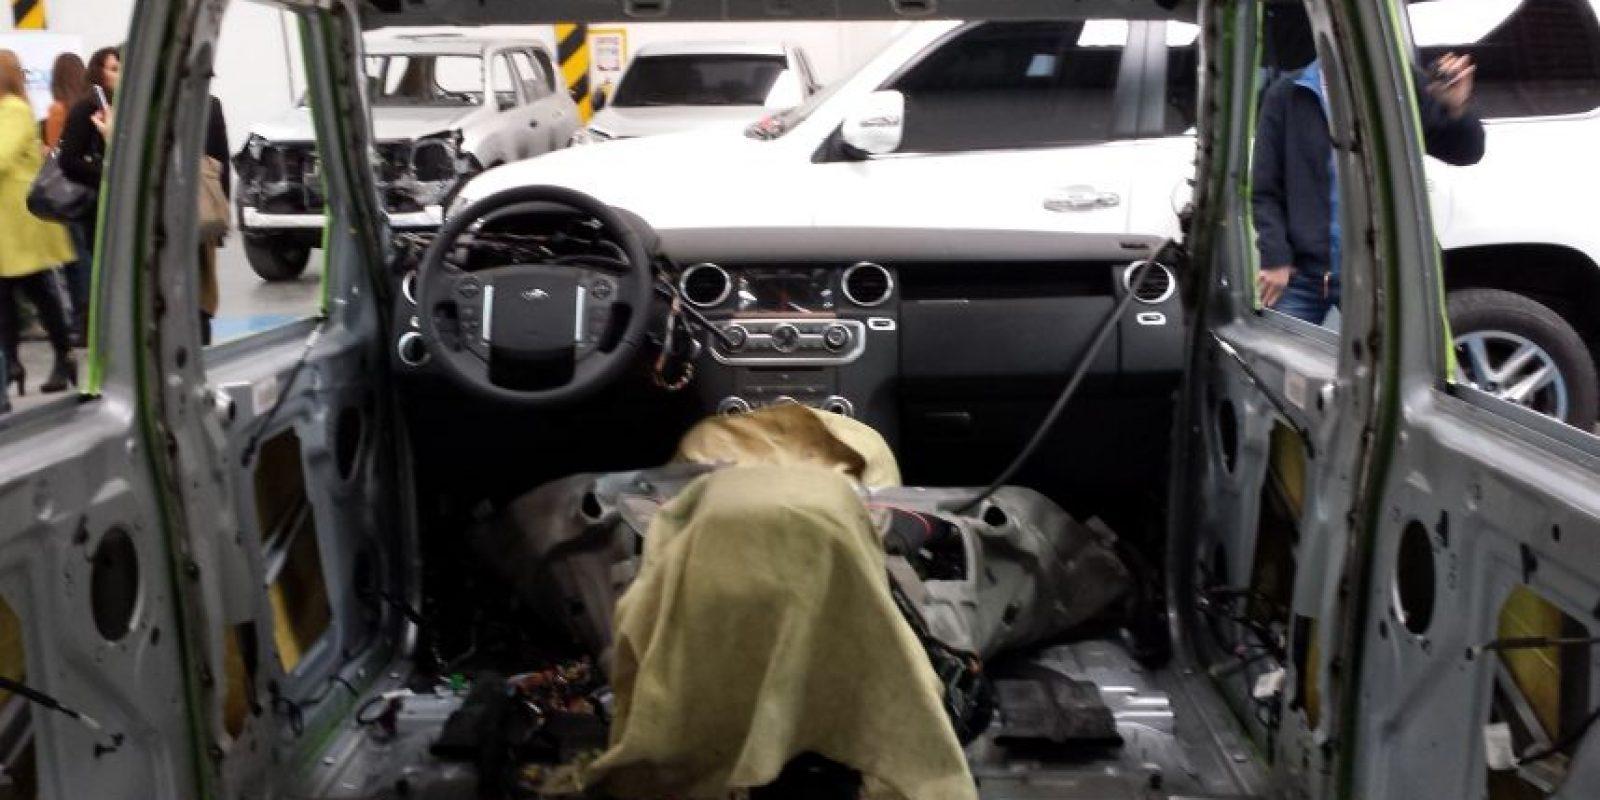 Primero se desarma el interior del vehículo y se protegen los elementos electrónicos de puertas o sillas. Foto:Juan Manuel Reyes – Publimetro